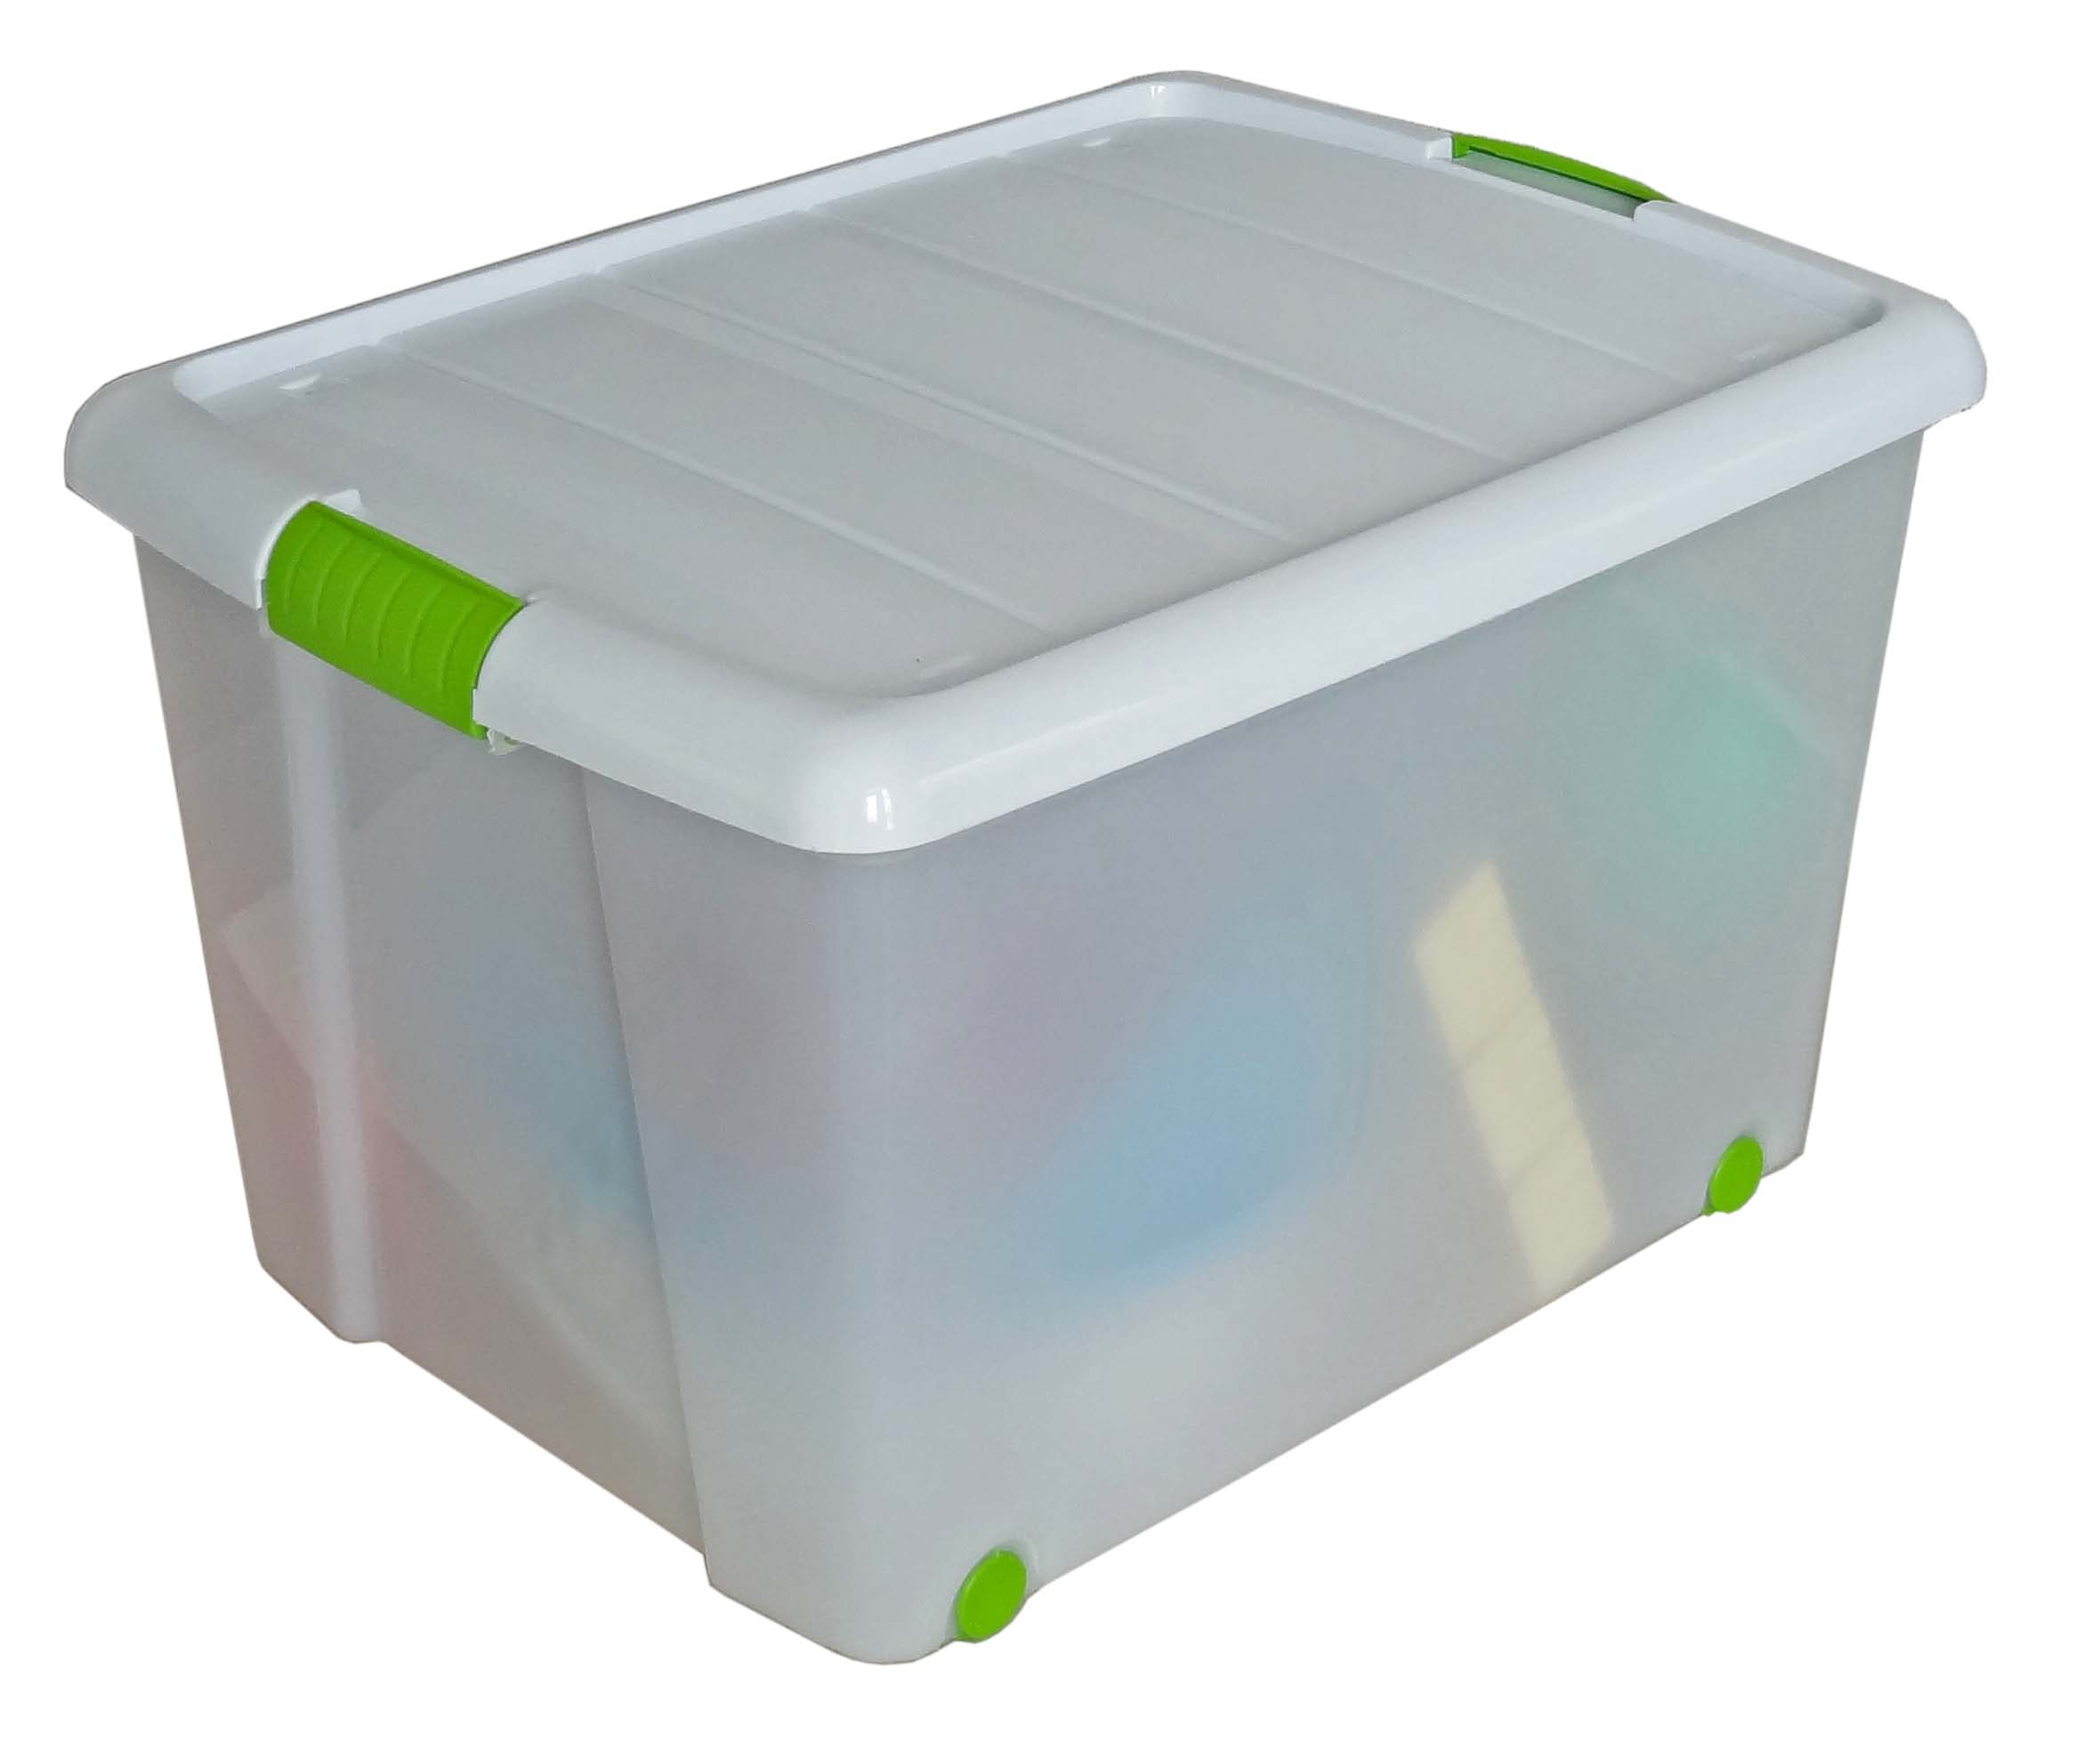 Boite de rangement avec couvercle 65 l elso plast - Boite de rangement avec couvercle ...